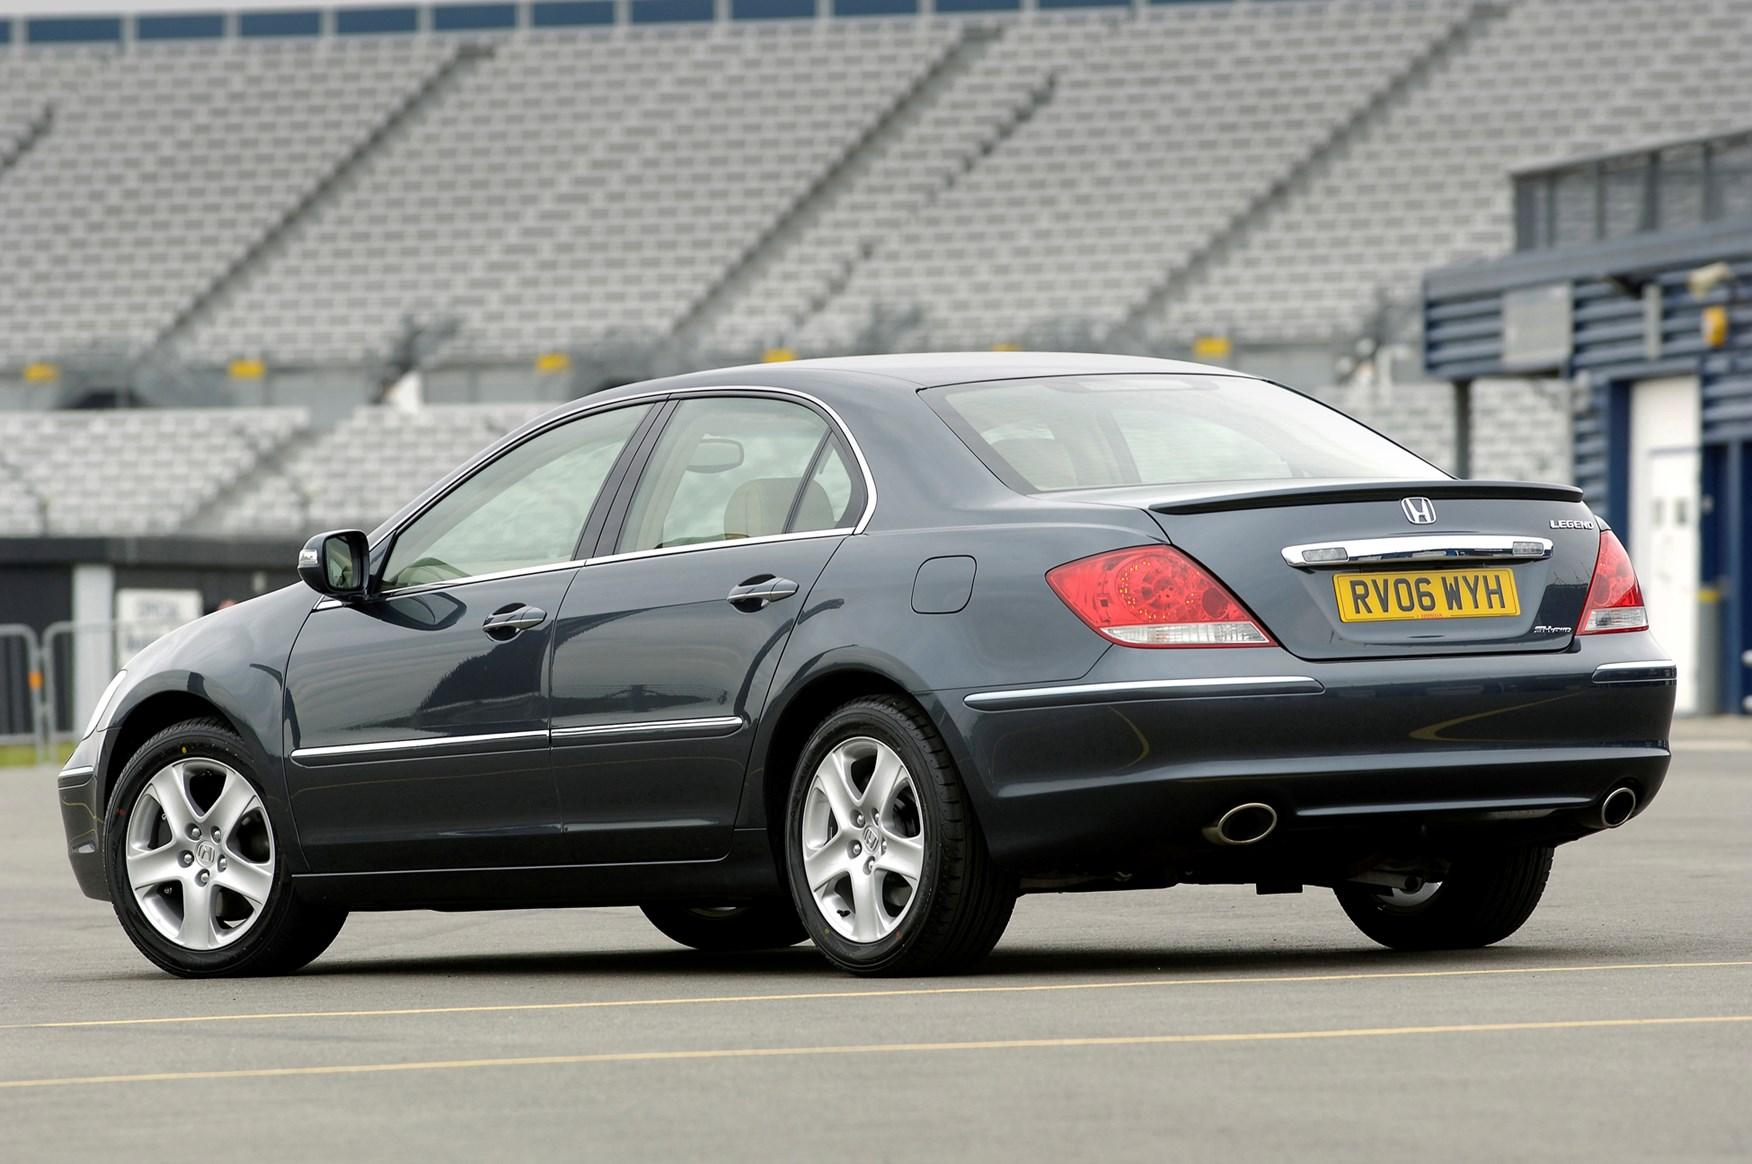 2007 Honda Civic For Sale >> Honda Legend Saloon (2006 - 2007) Rivals | Parkers